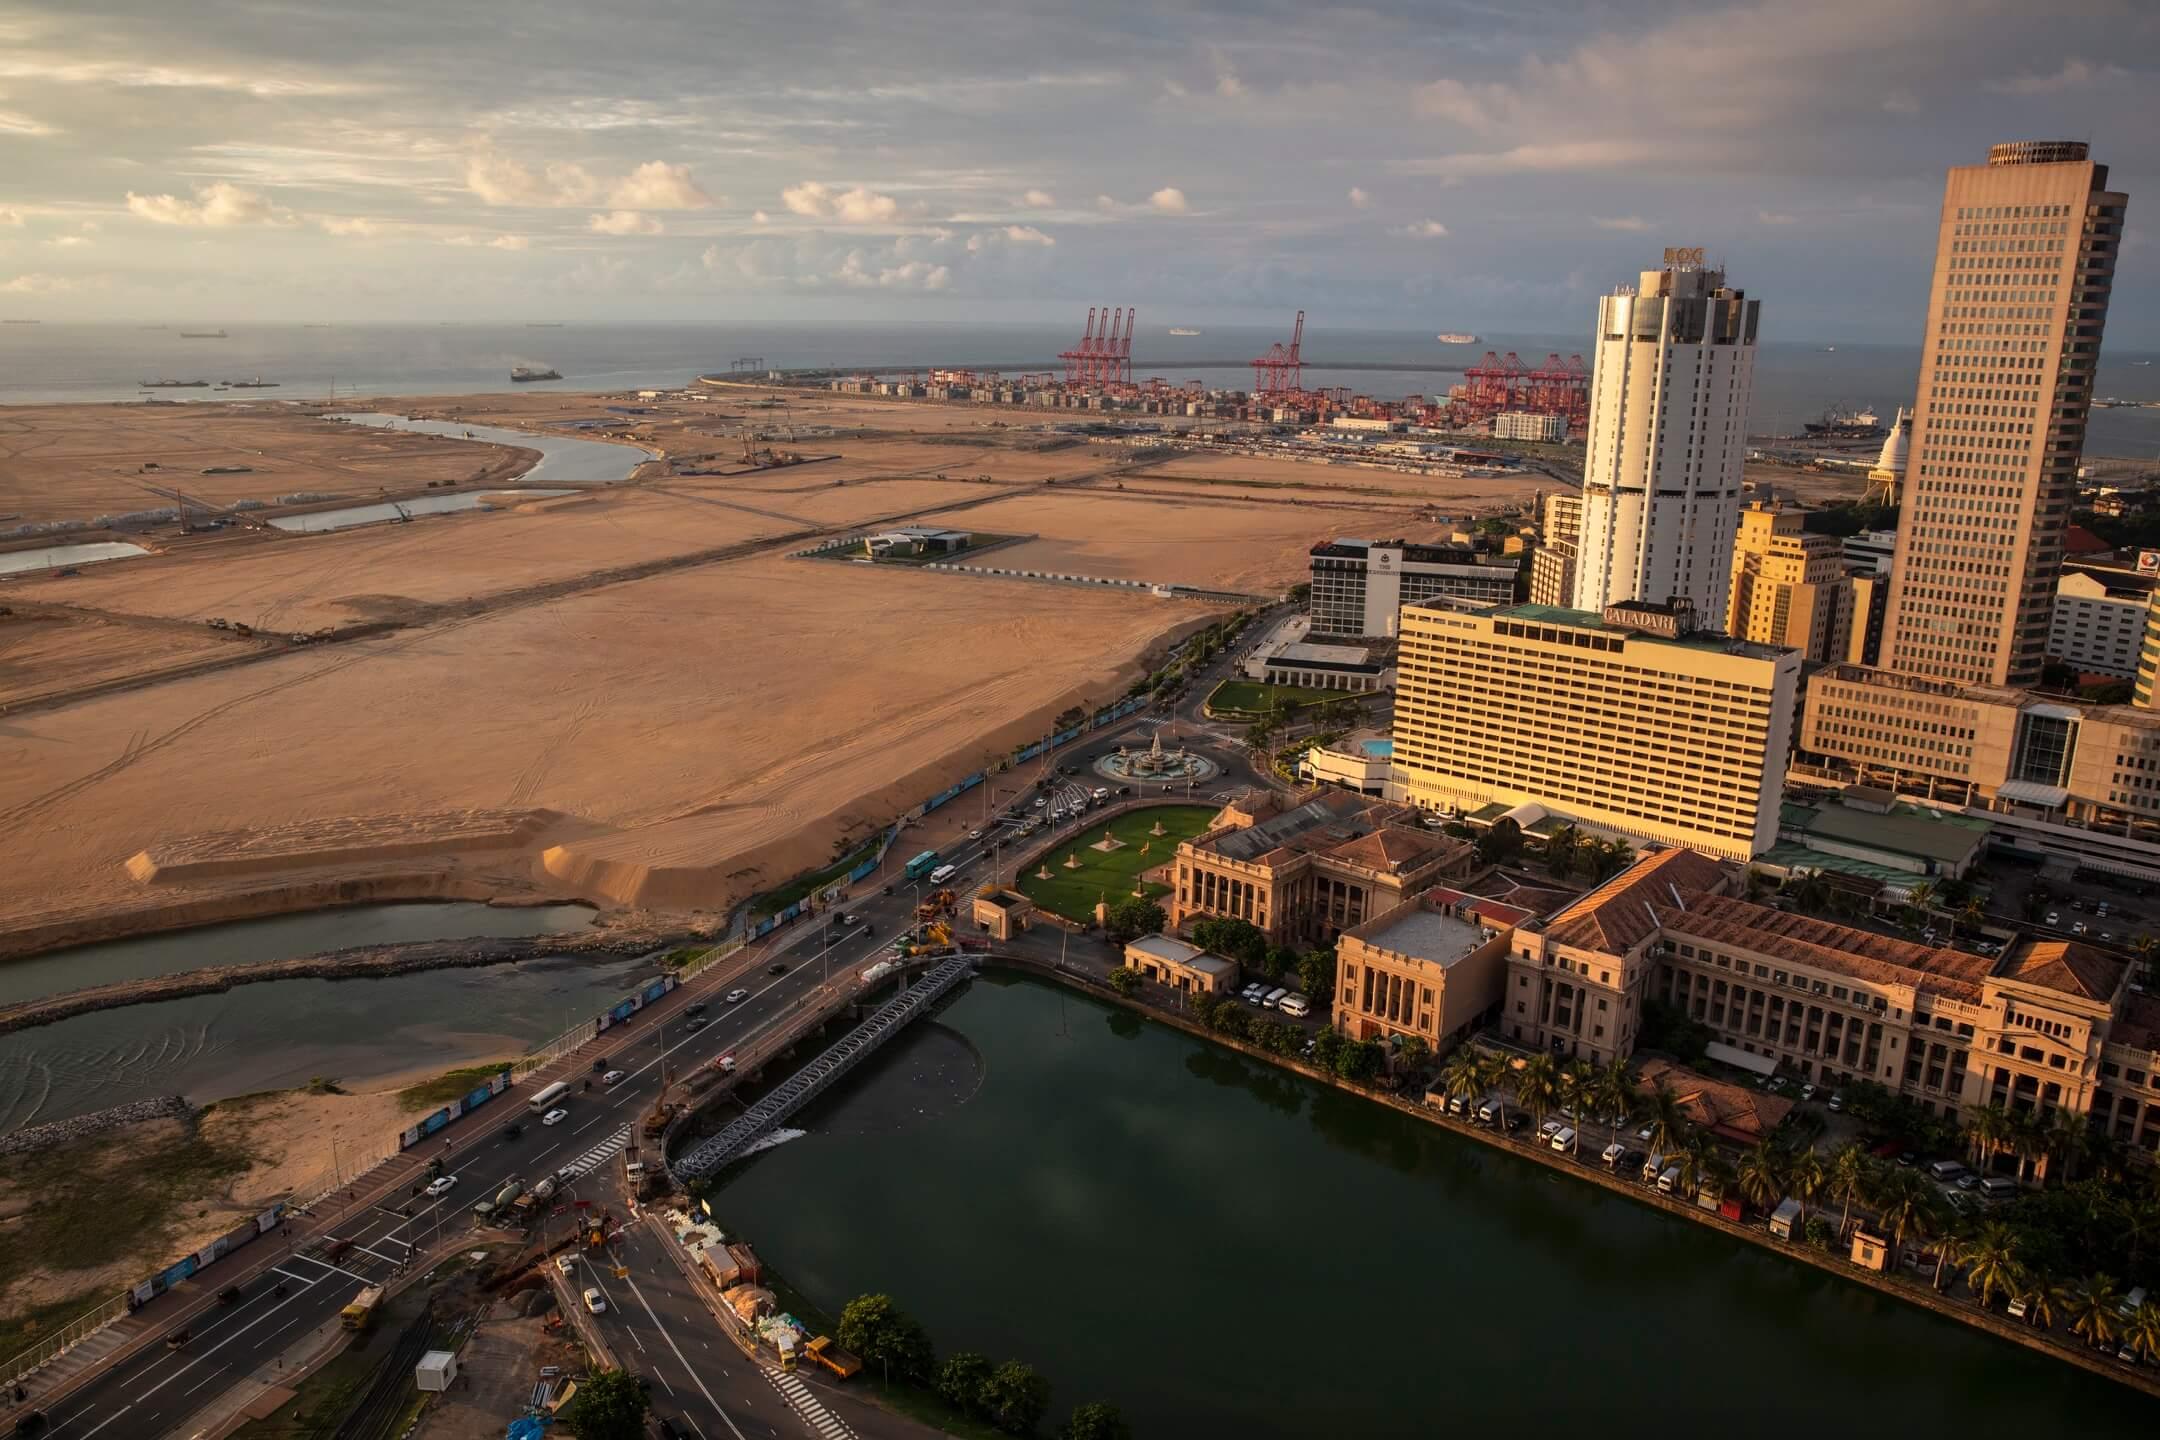 漢班托塔(Hambantota)是斯里蘭卡南部一個布局零亂的行政區,這個人口稀少的地區,卻擁有全斯里蘭卡規劃最完善的公共設施,不過區內最珍貴的資產,是一座由中國控制的港口。 攝:Paula Bronstein/Getty Images